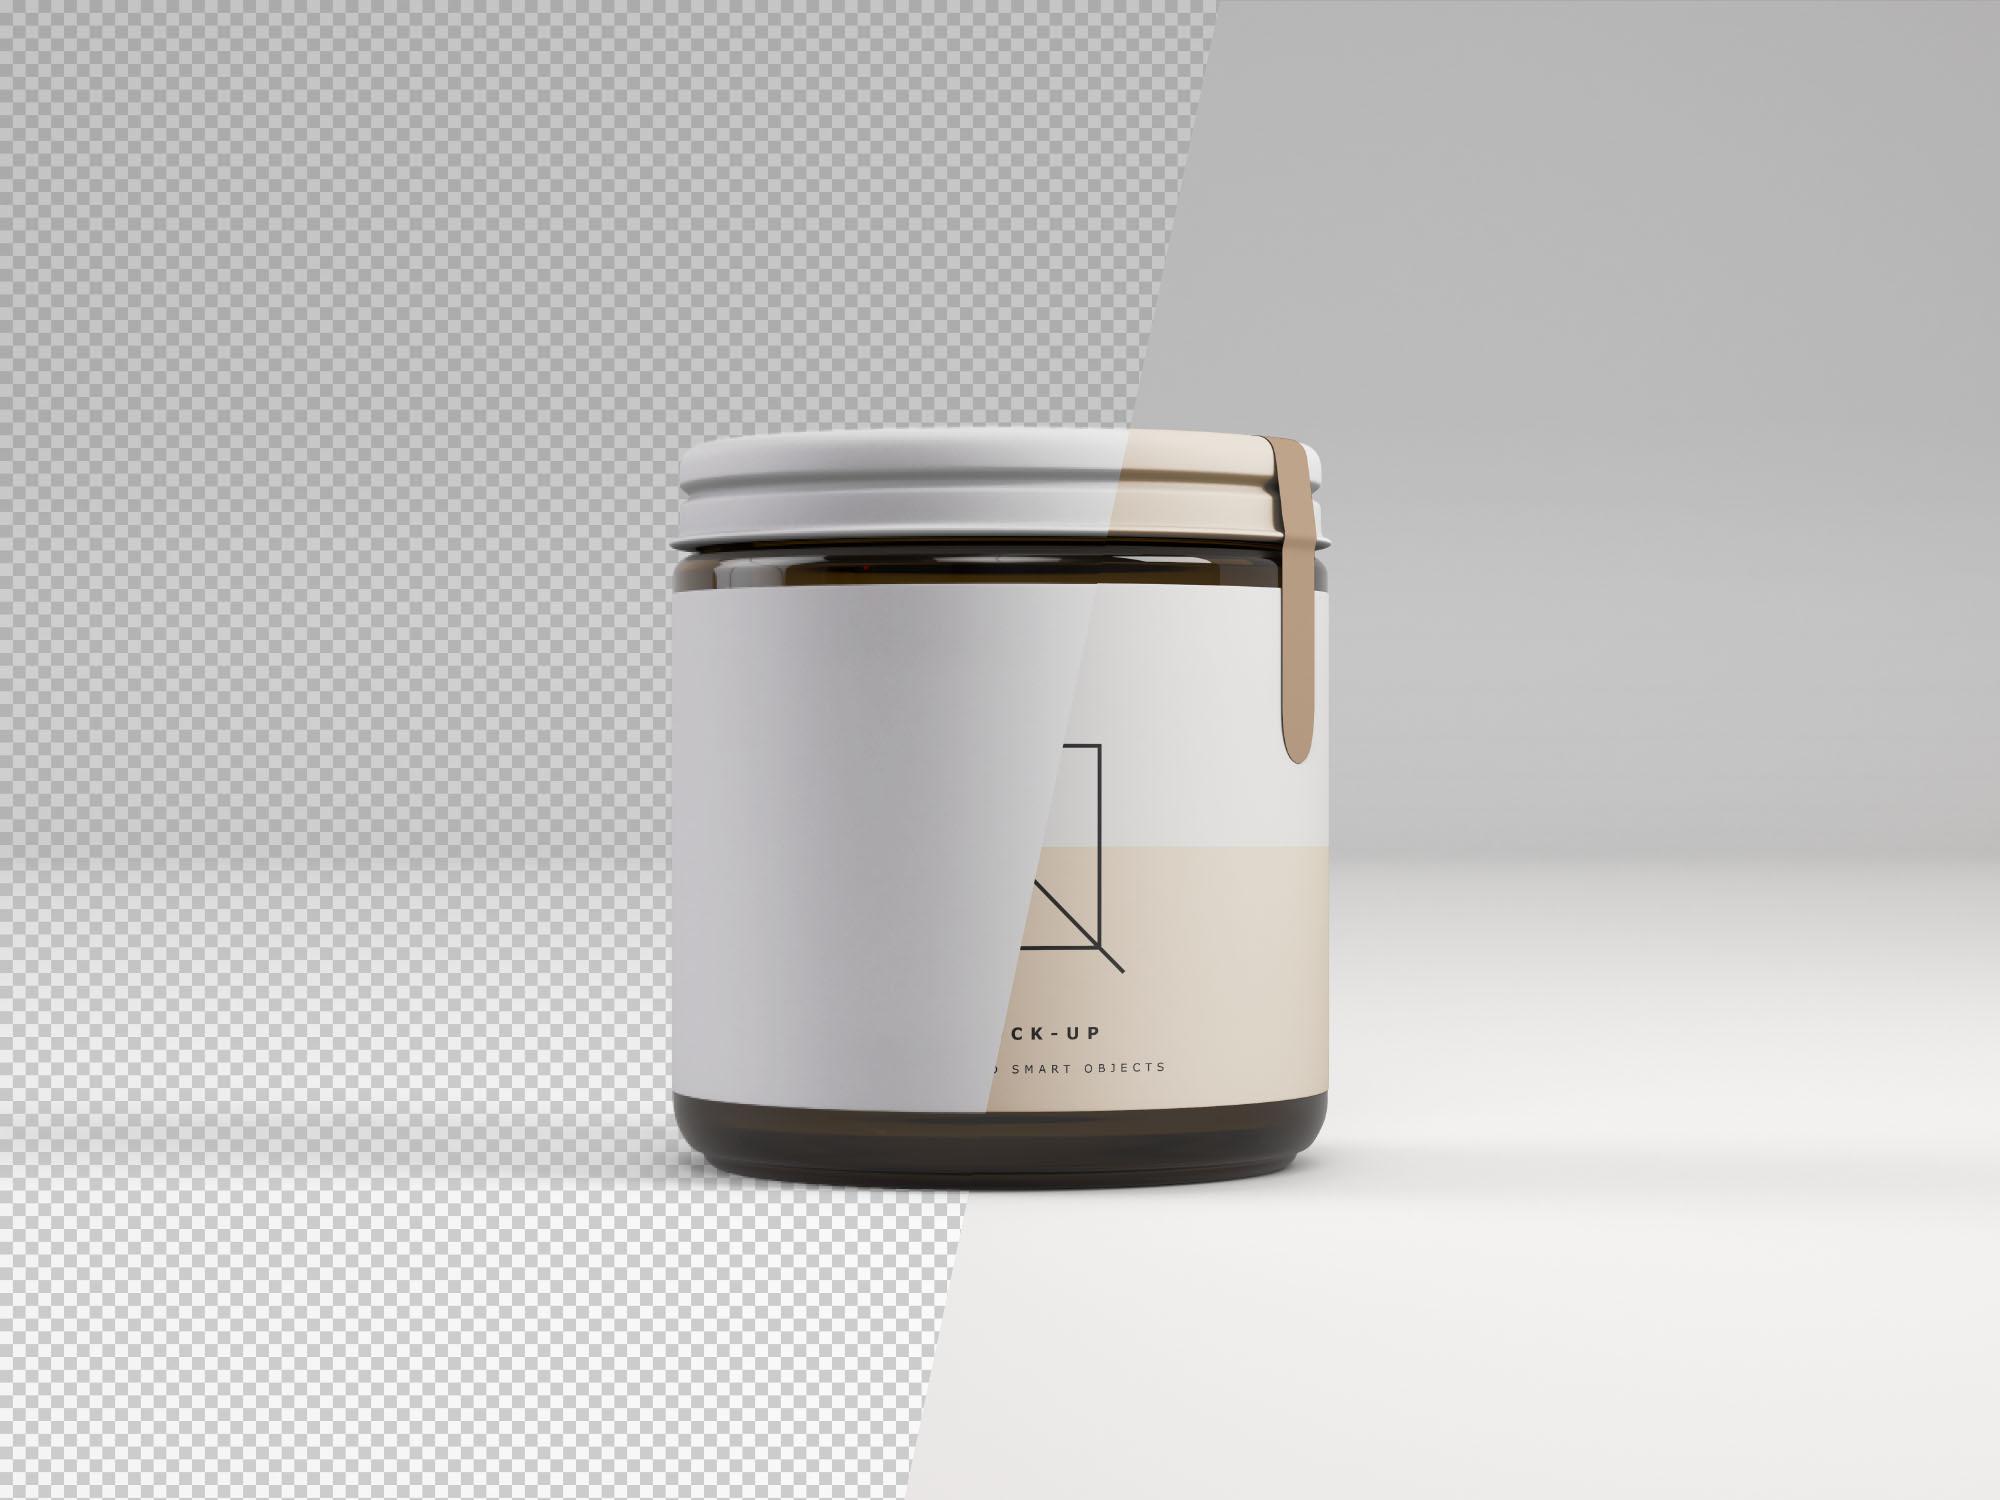 Front View Jar Mockup